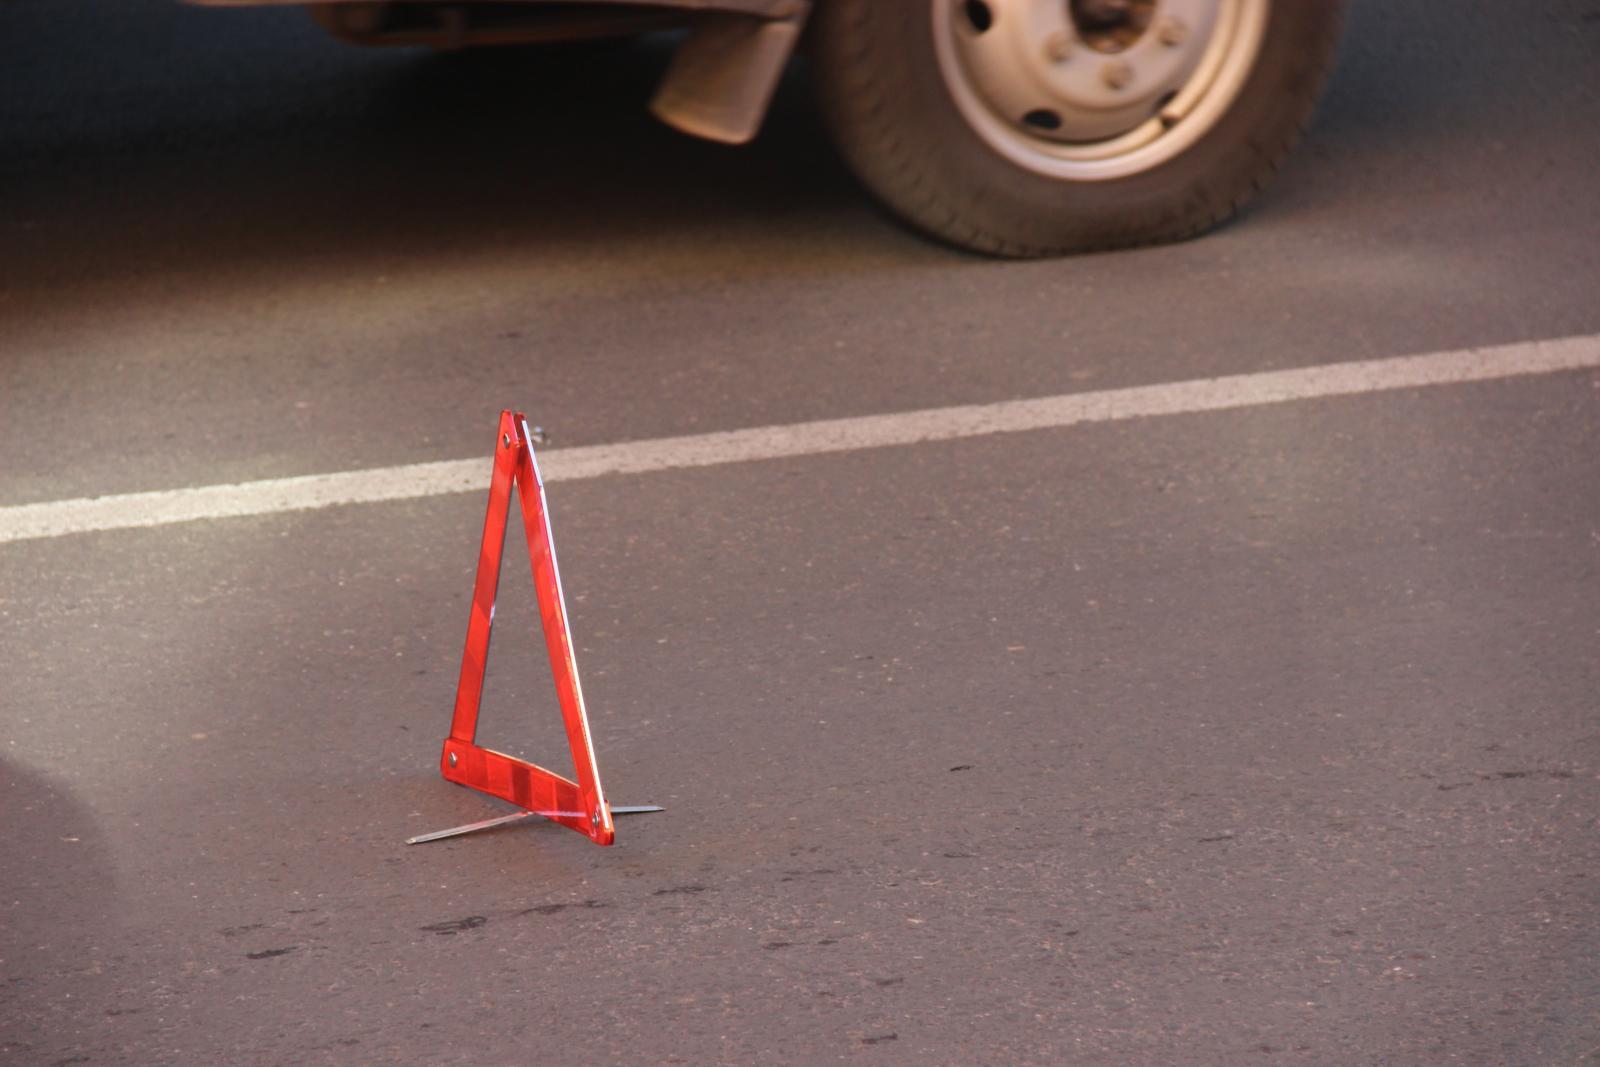 В Белых Берегах иномарка покалечила пьяного пешехода